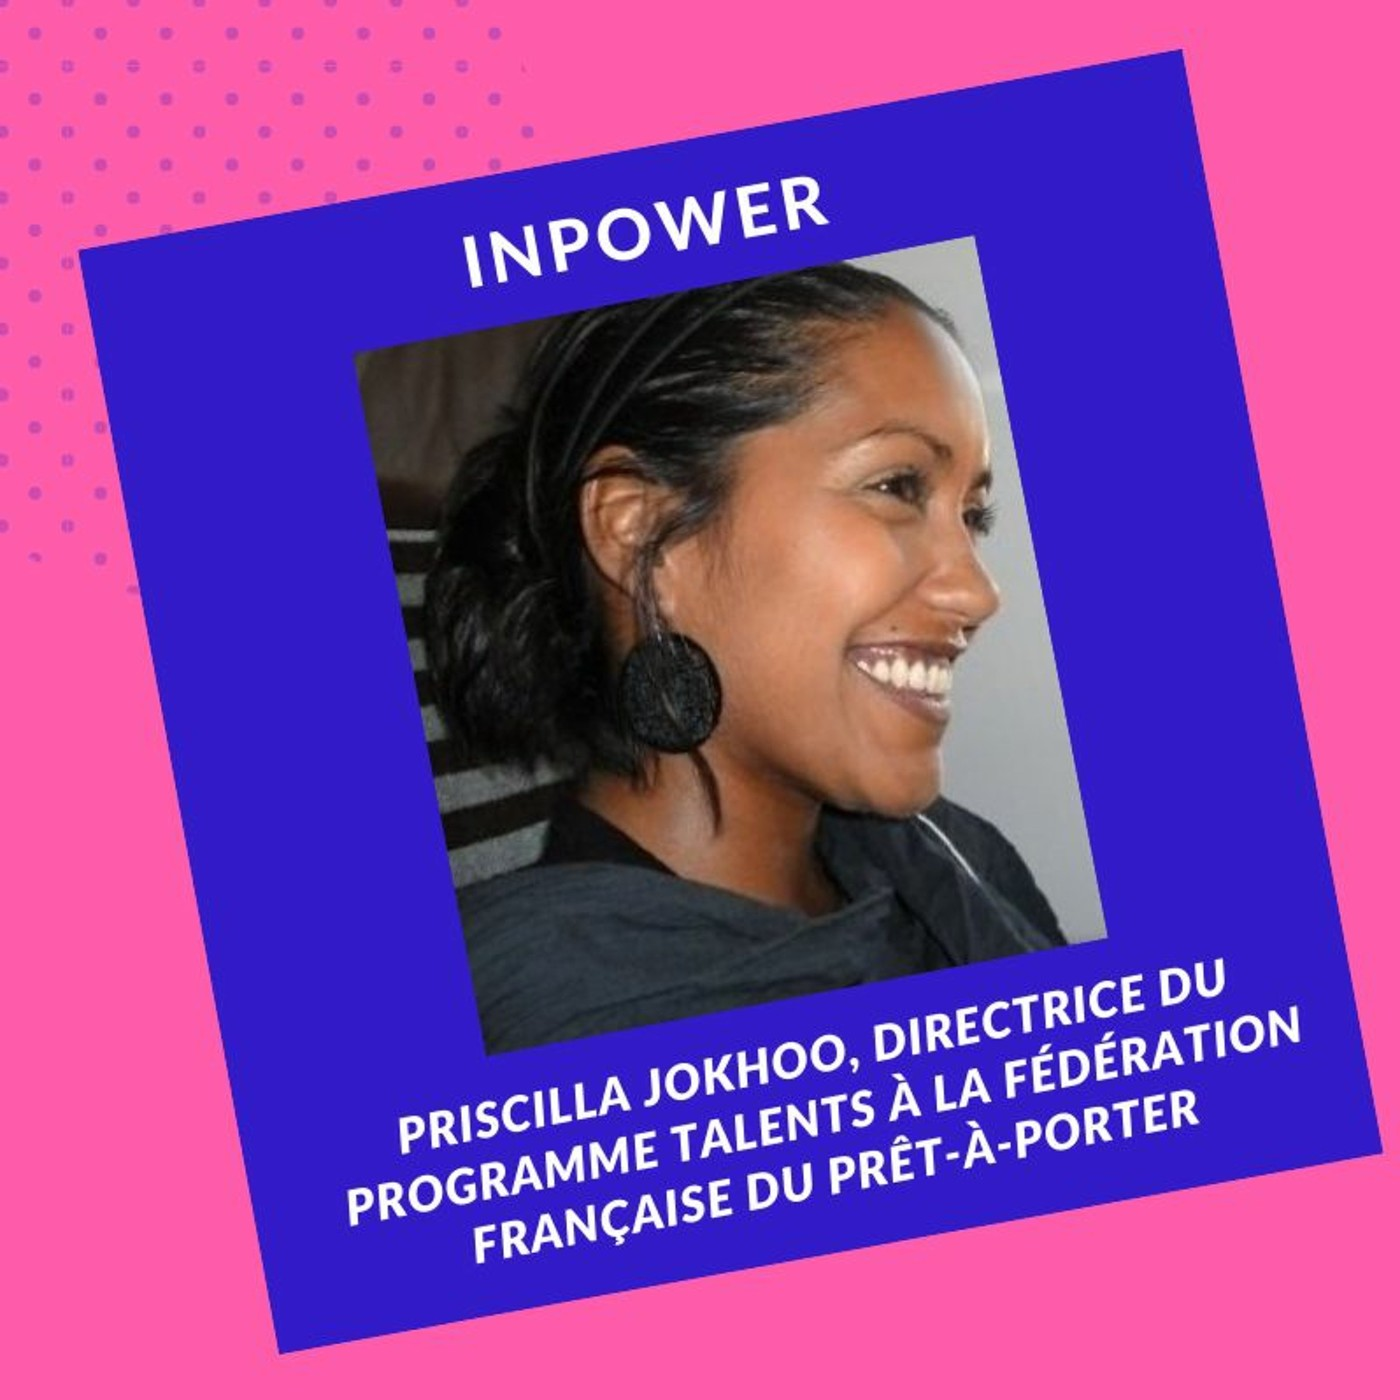 Priscilla Jokhoo - Directrice du Programme Talents à la Fédération Française du Prêt-À-Porter